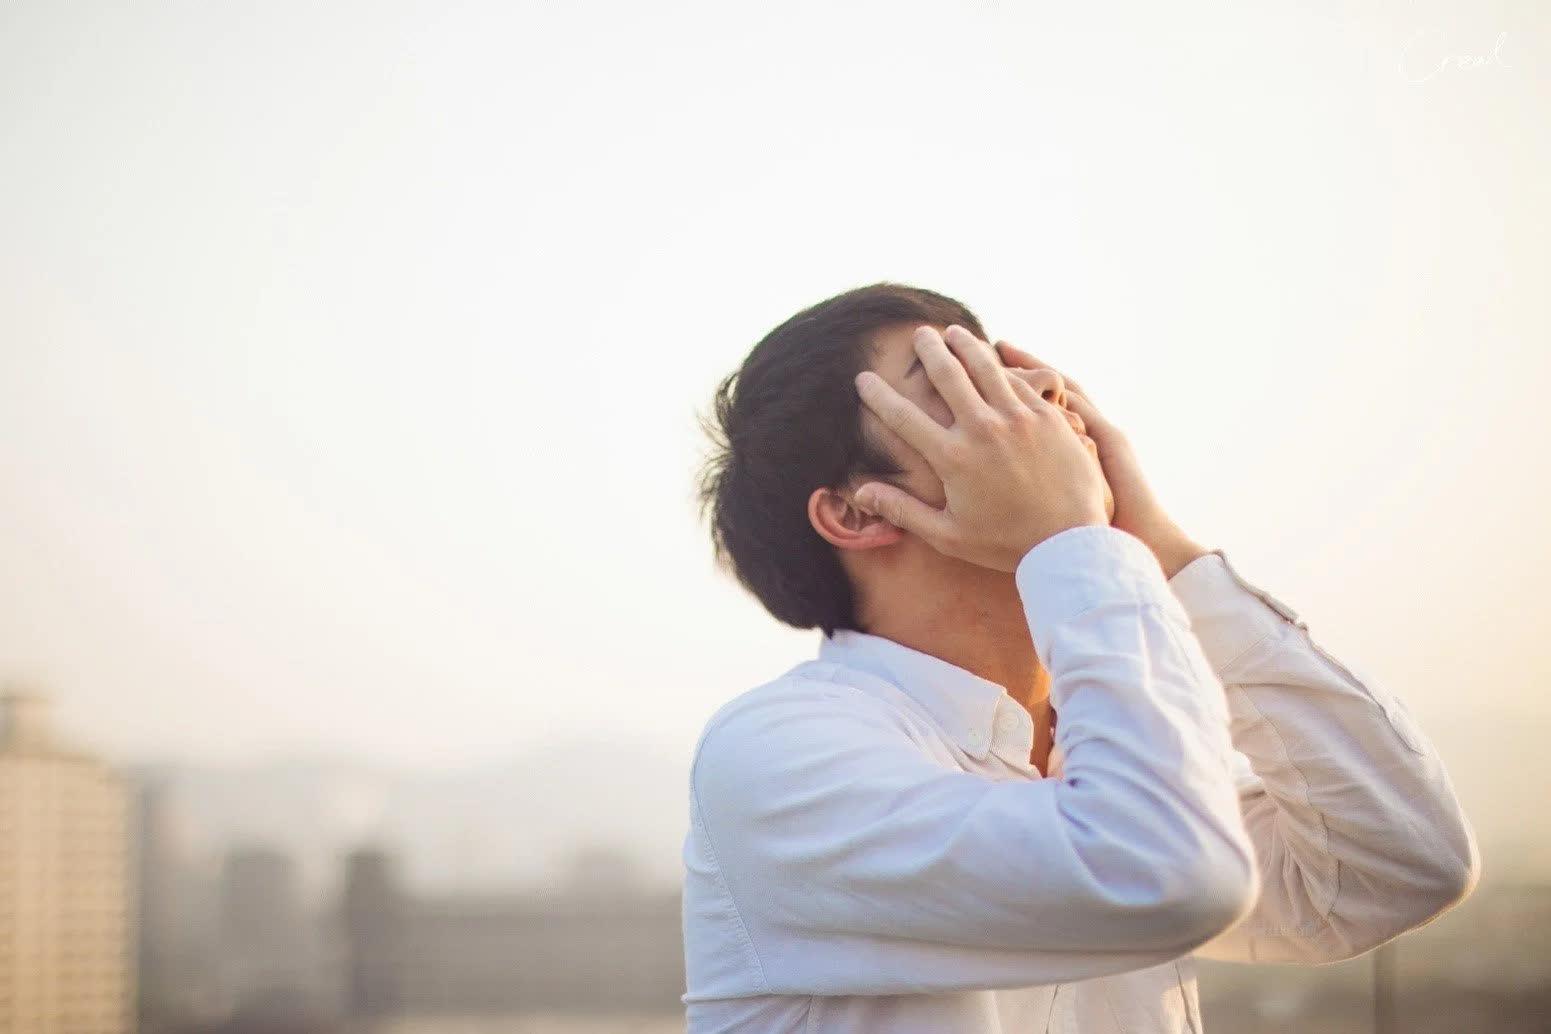 5 dấu hiệu cho thấy chồng là người biết chia sẻ, giúp đỡ vợ không nề hà bất cứ việc gì - Ảnh 2